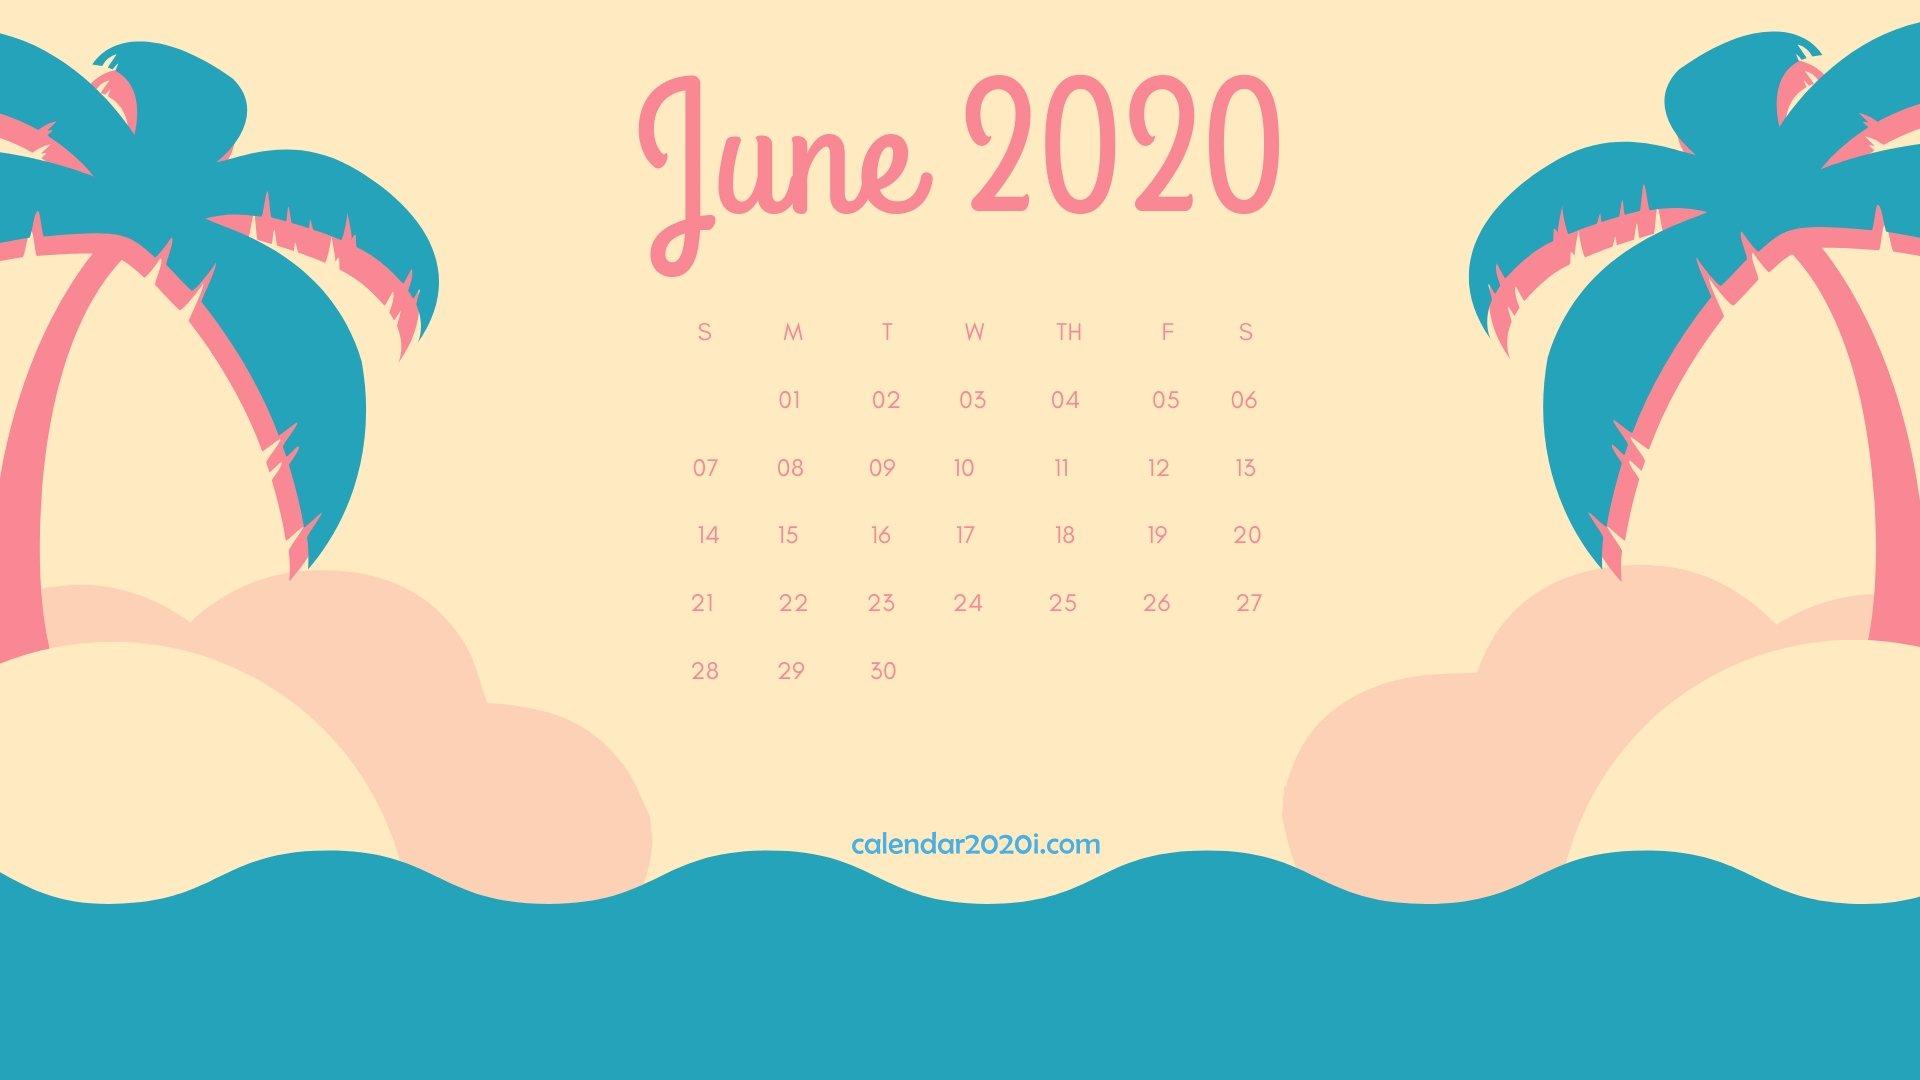 46 June 2020 Calendar Wallpapers On Wallpapersafari